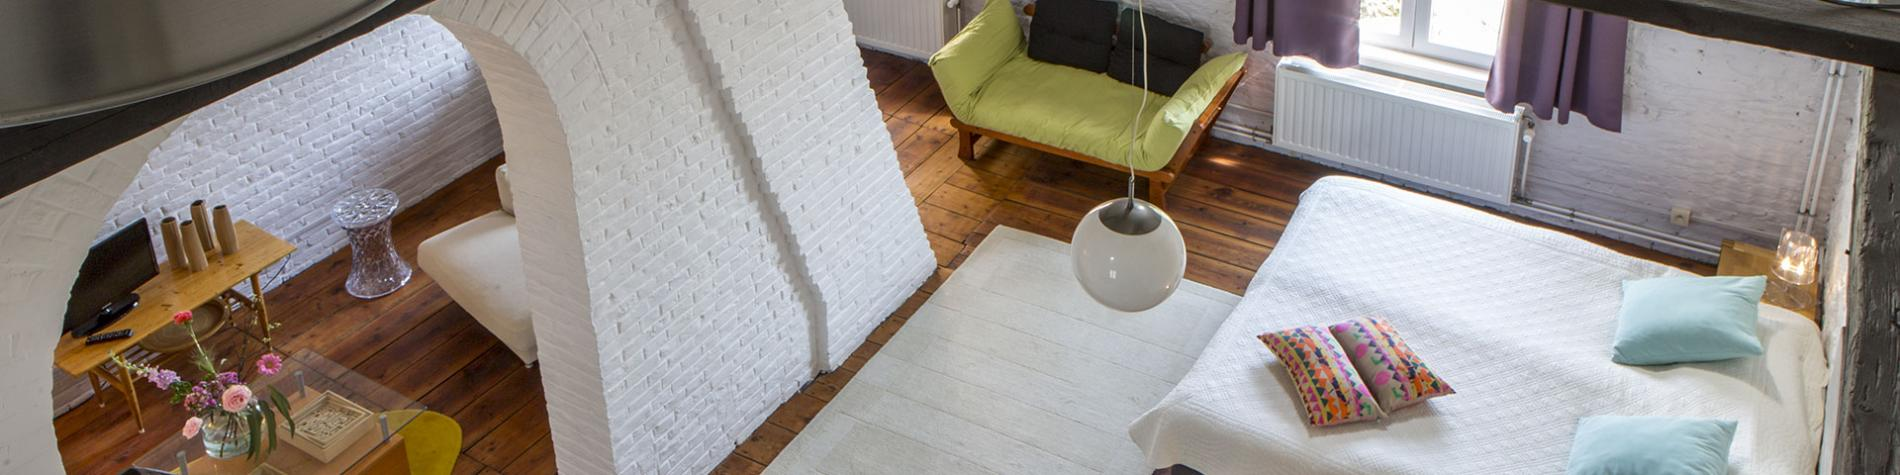 Chambre d'hôtes - Les Greniers de Madelgaire - Soignies